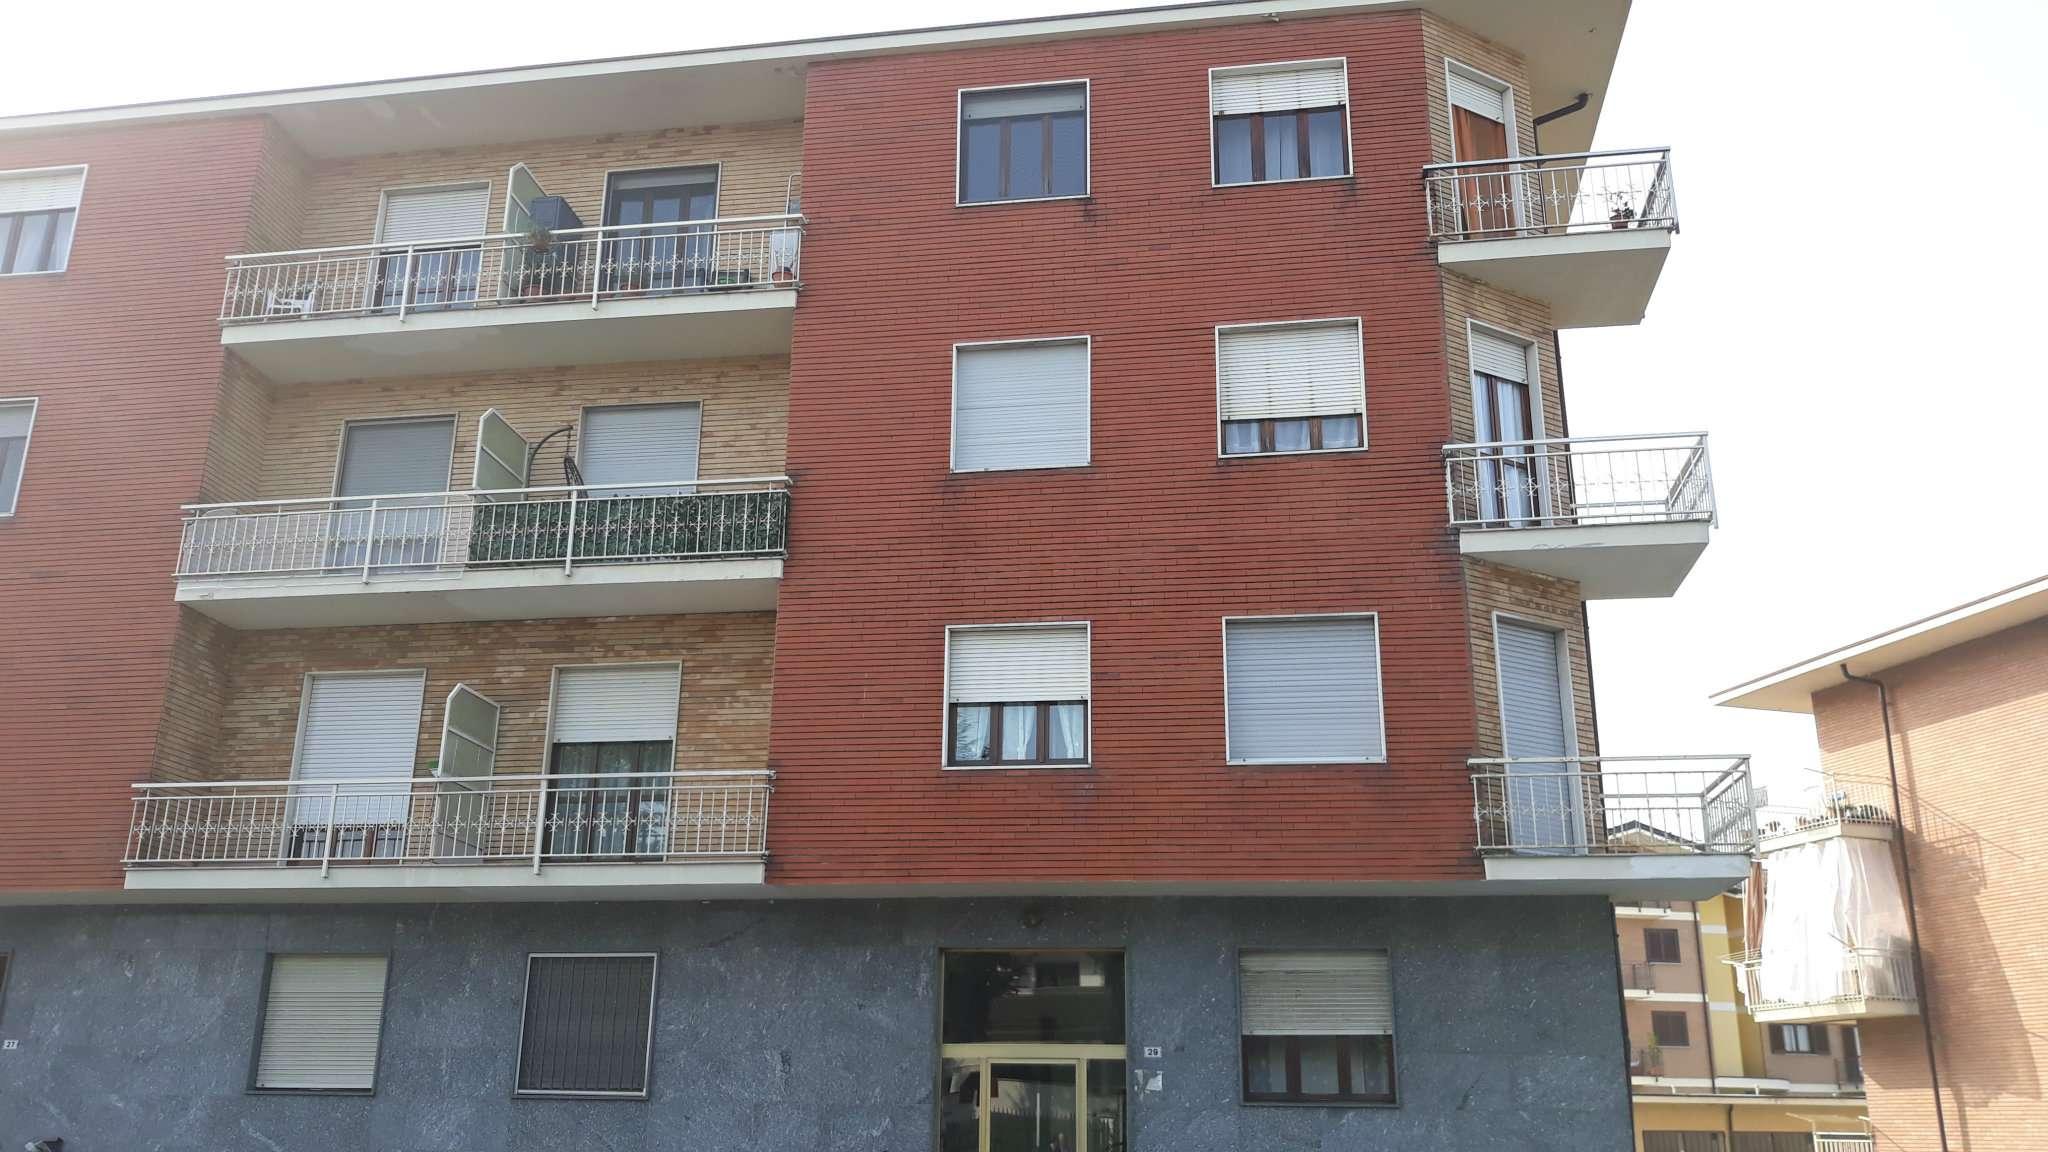 Appartamento in vendita a Leini, 2 locali, prezzo € 57.000   CambioCasa.it